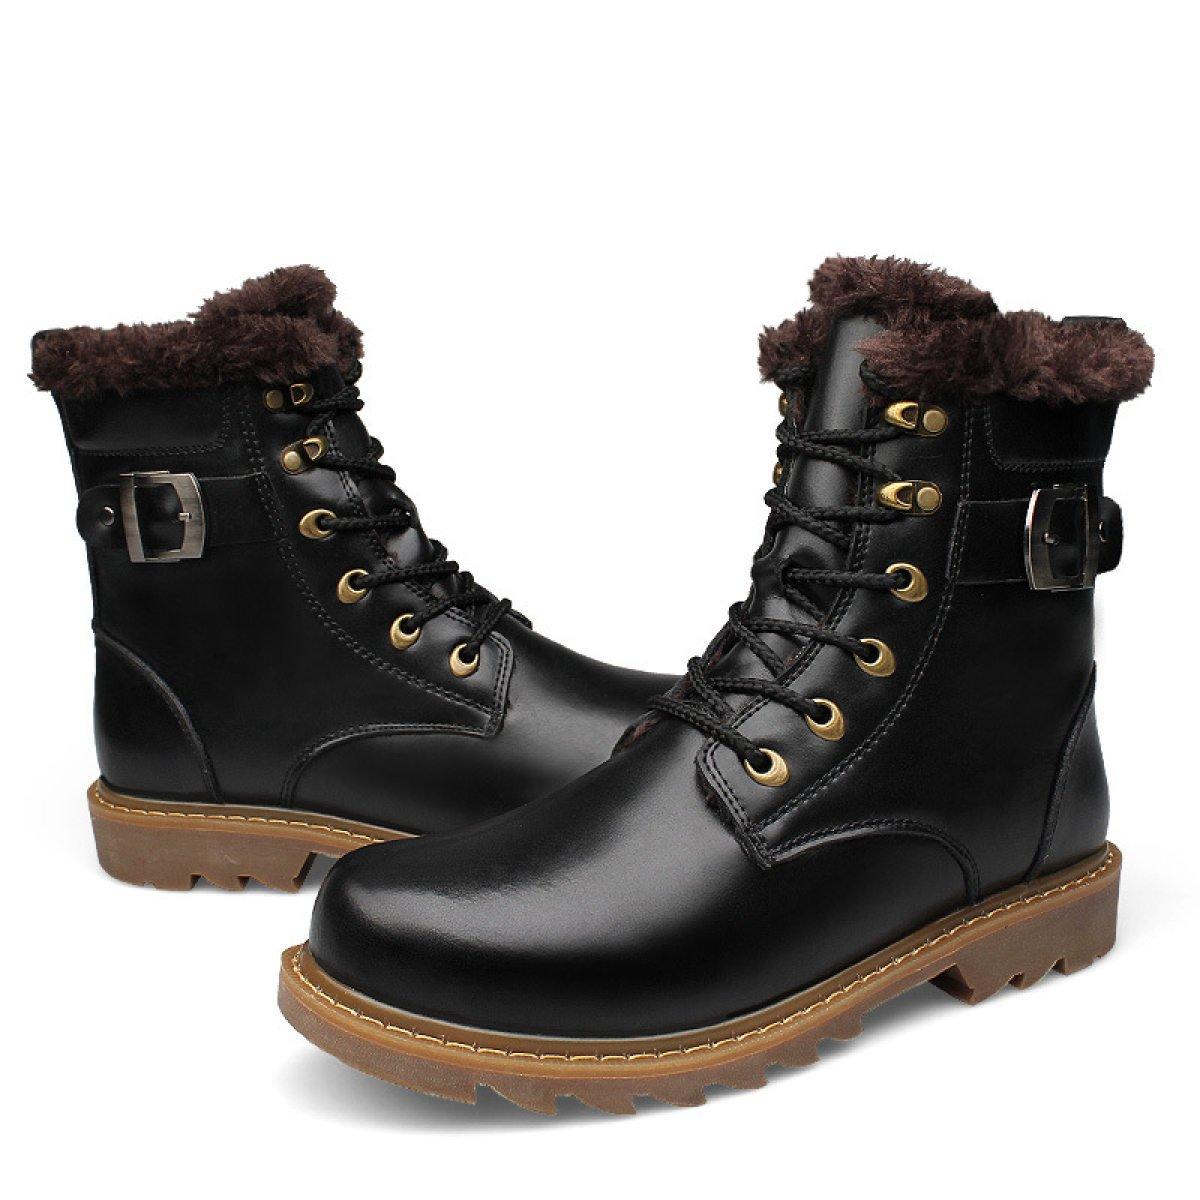 GTYMFH Herbst Und Winter Männer Europa Europa Europa Und Die Vereinigten Staaten Martin Stiefel Männer Werkzeug Lederstiefel  024061